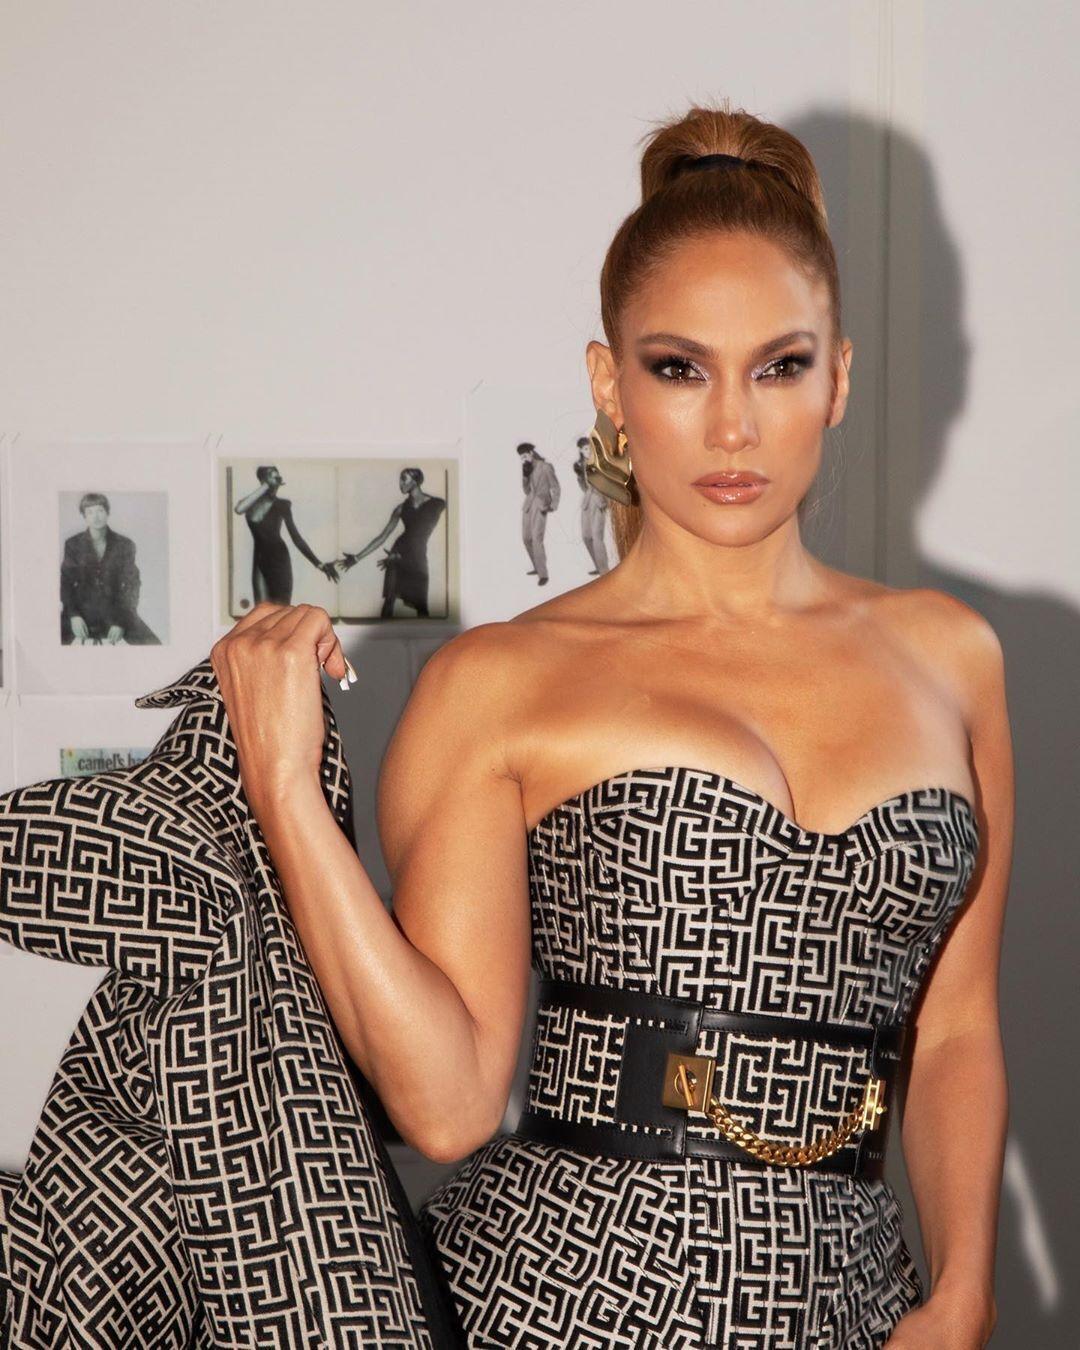 Дженнифер Лопес позировала в облегающем платье Balmain.